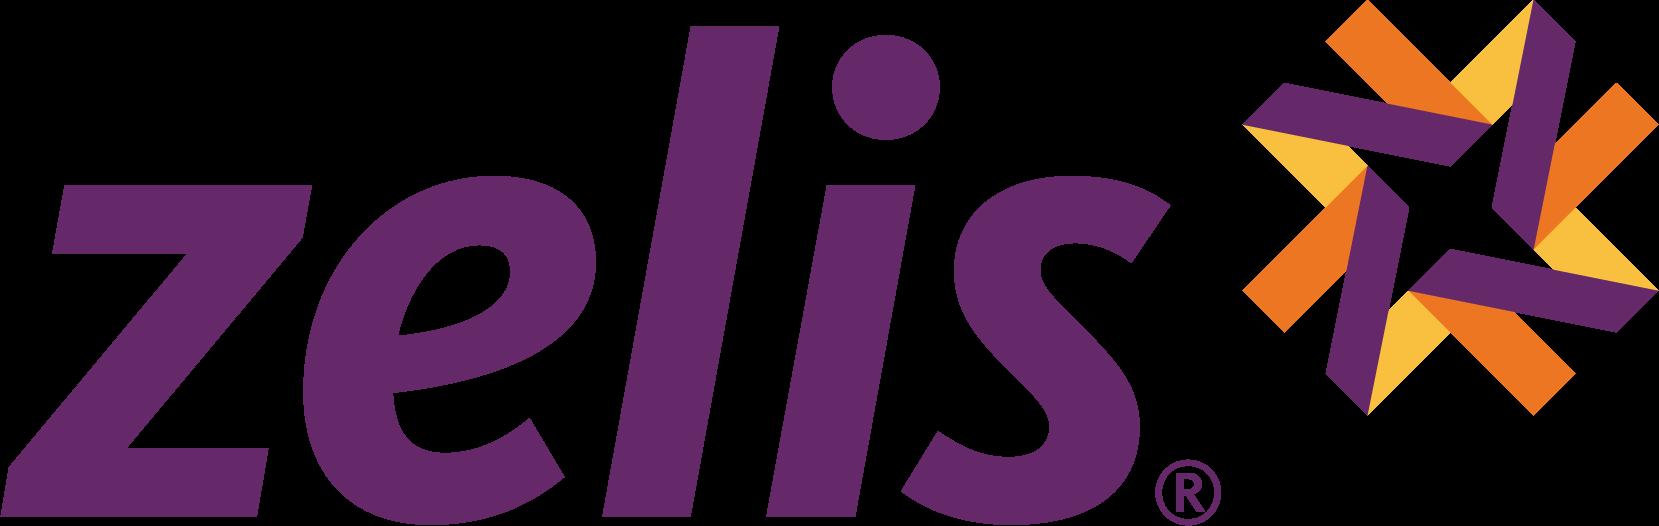 ZELIS_PNG